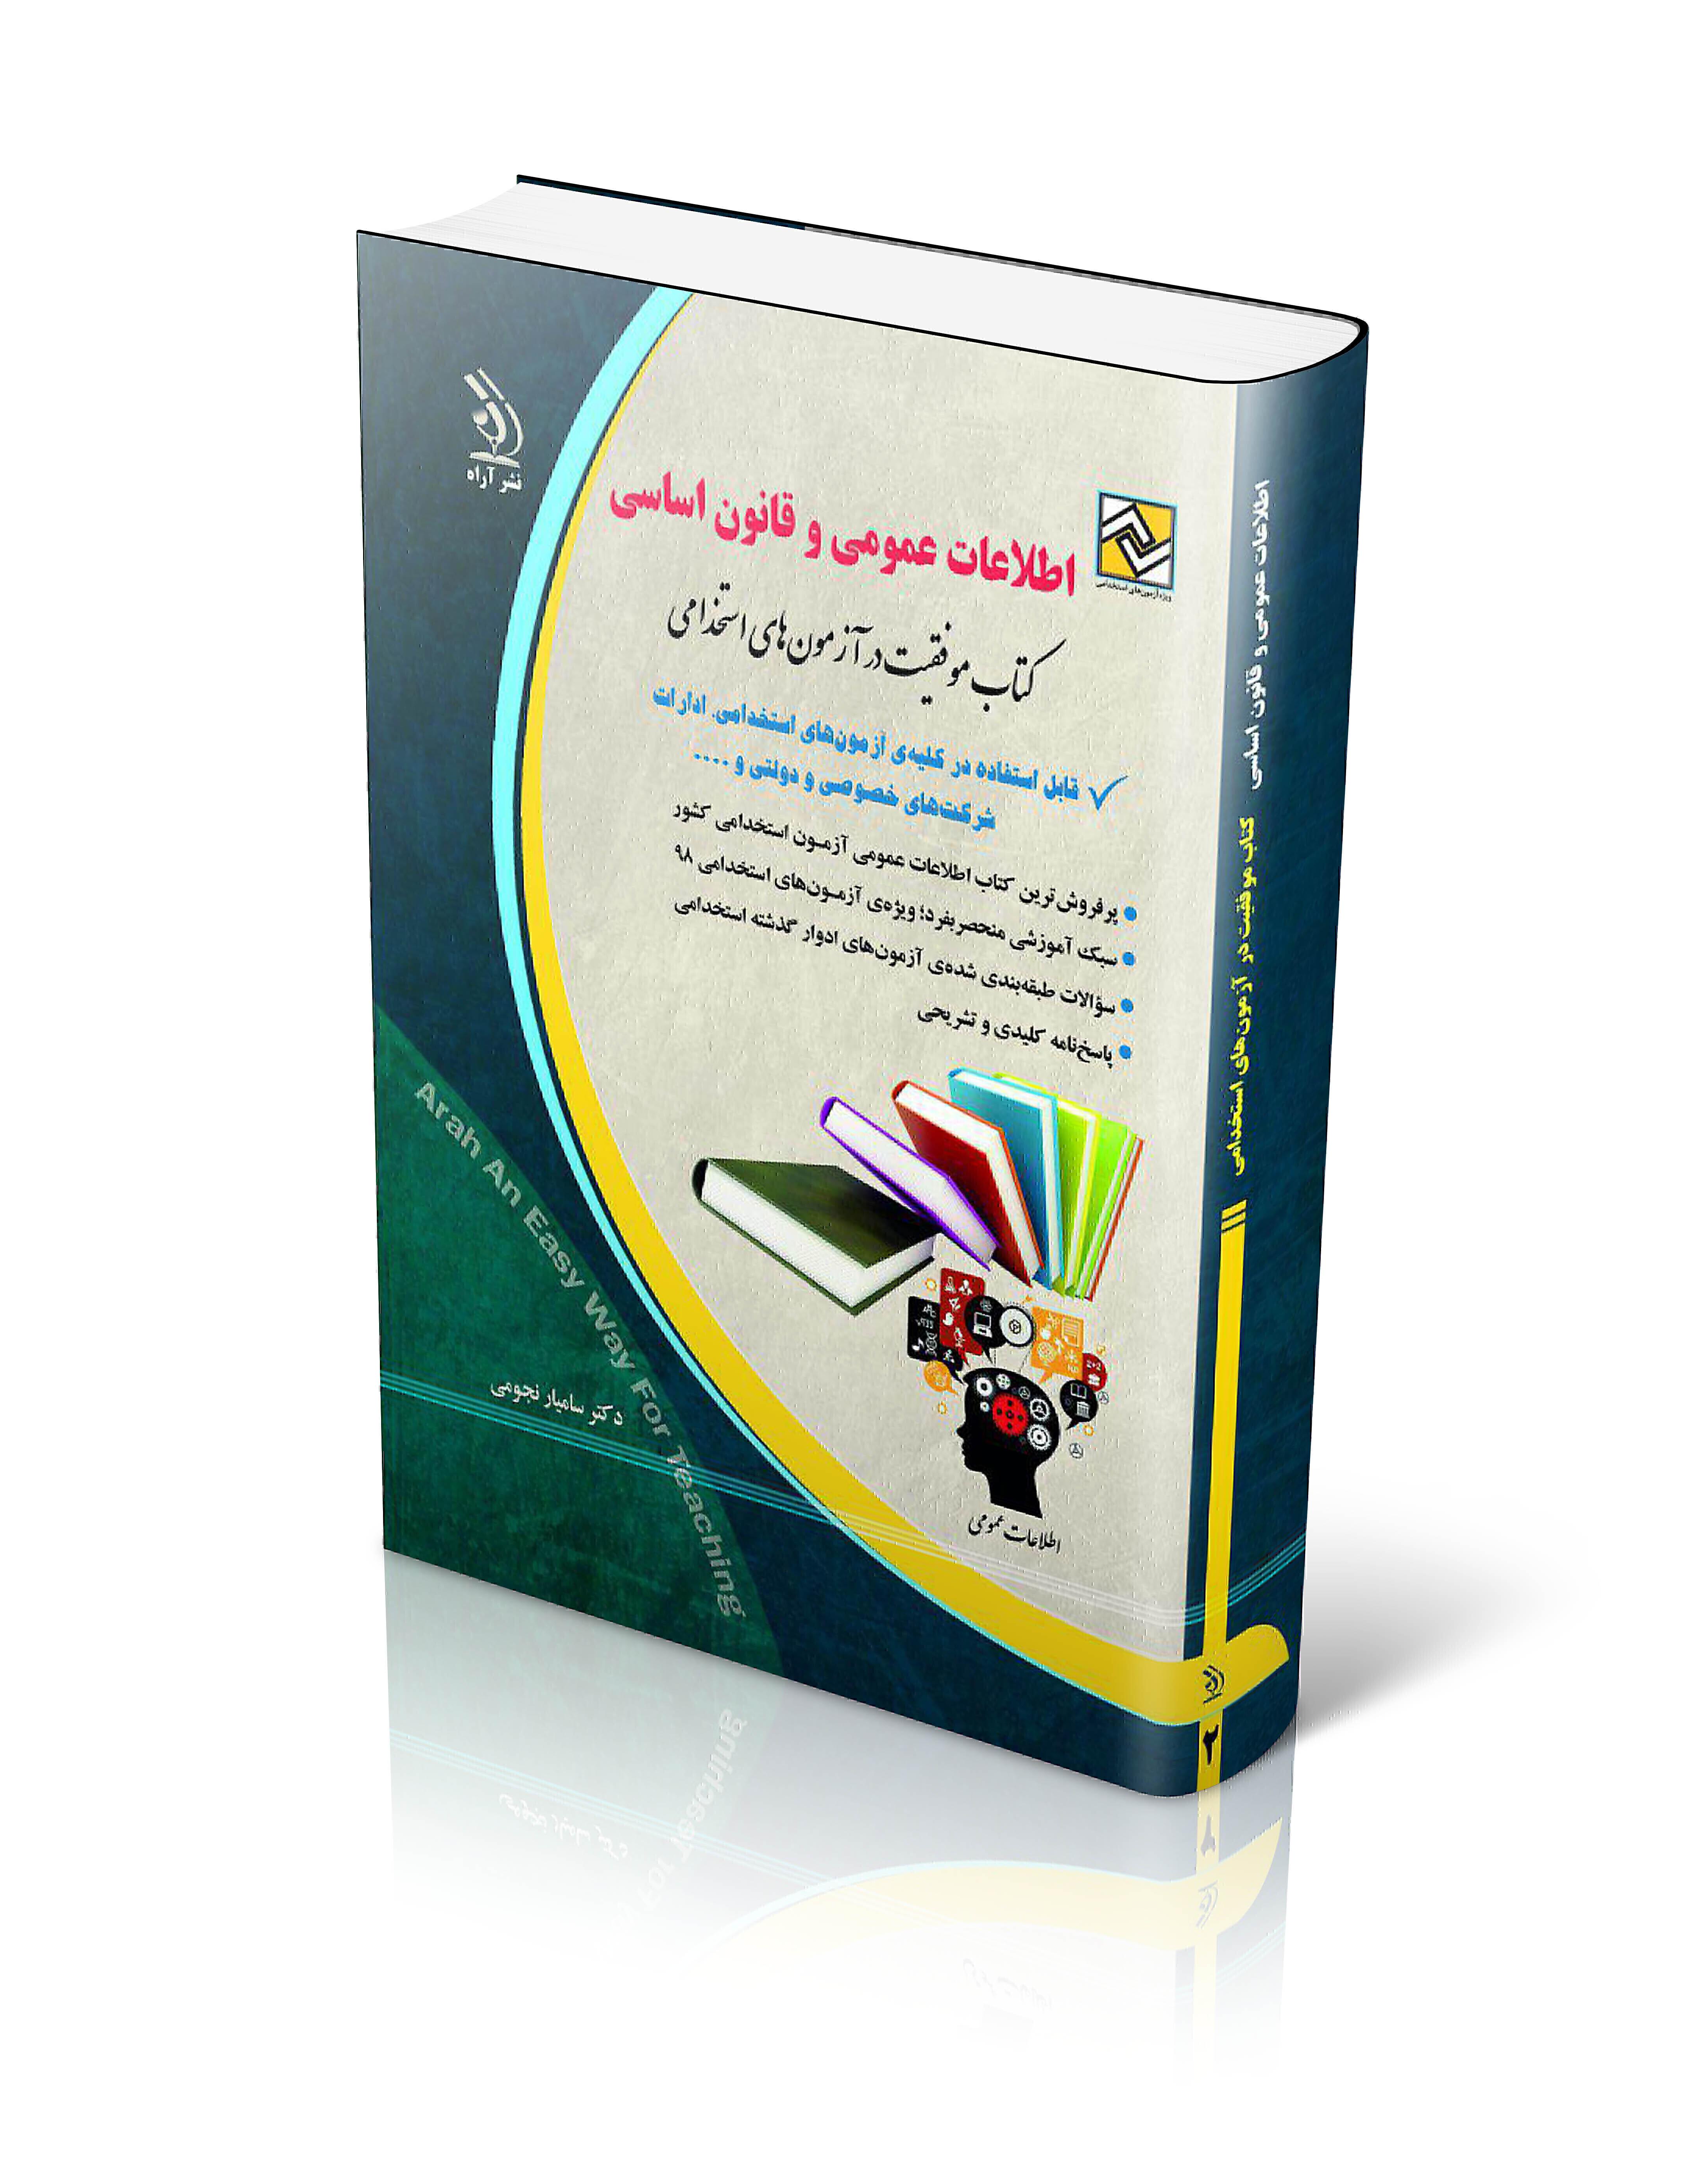 کتاب استخدامی اطلاعات عمومی